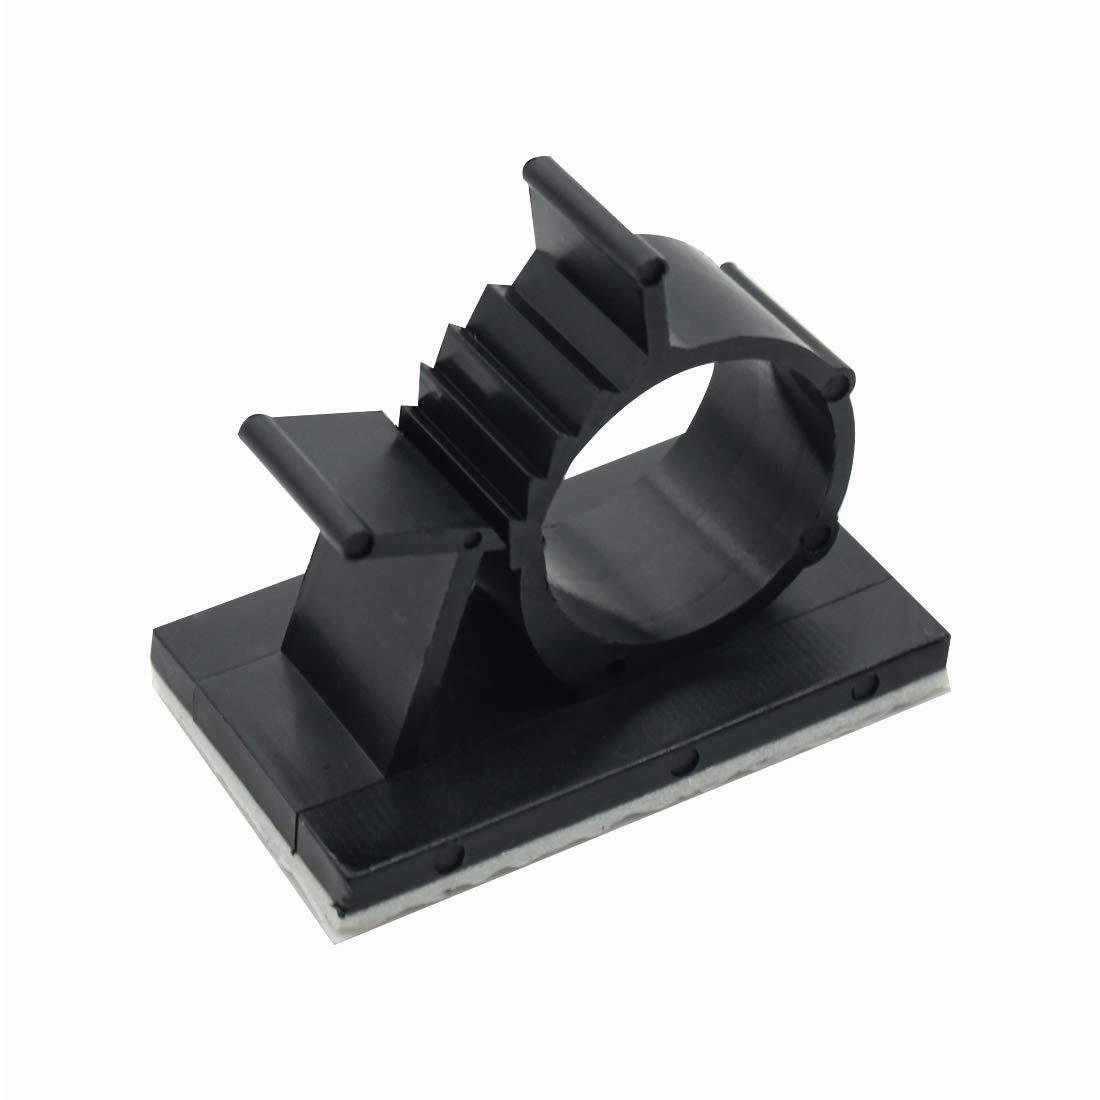 25個ブラック粘着Backedナイロンワイヤー調整可能なケーブルクリップクランプ M GBIS061 B07G7T753H ブラック M